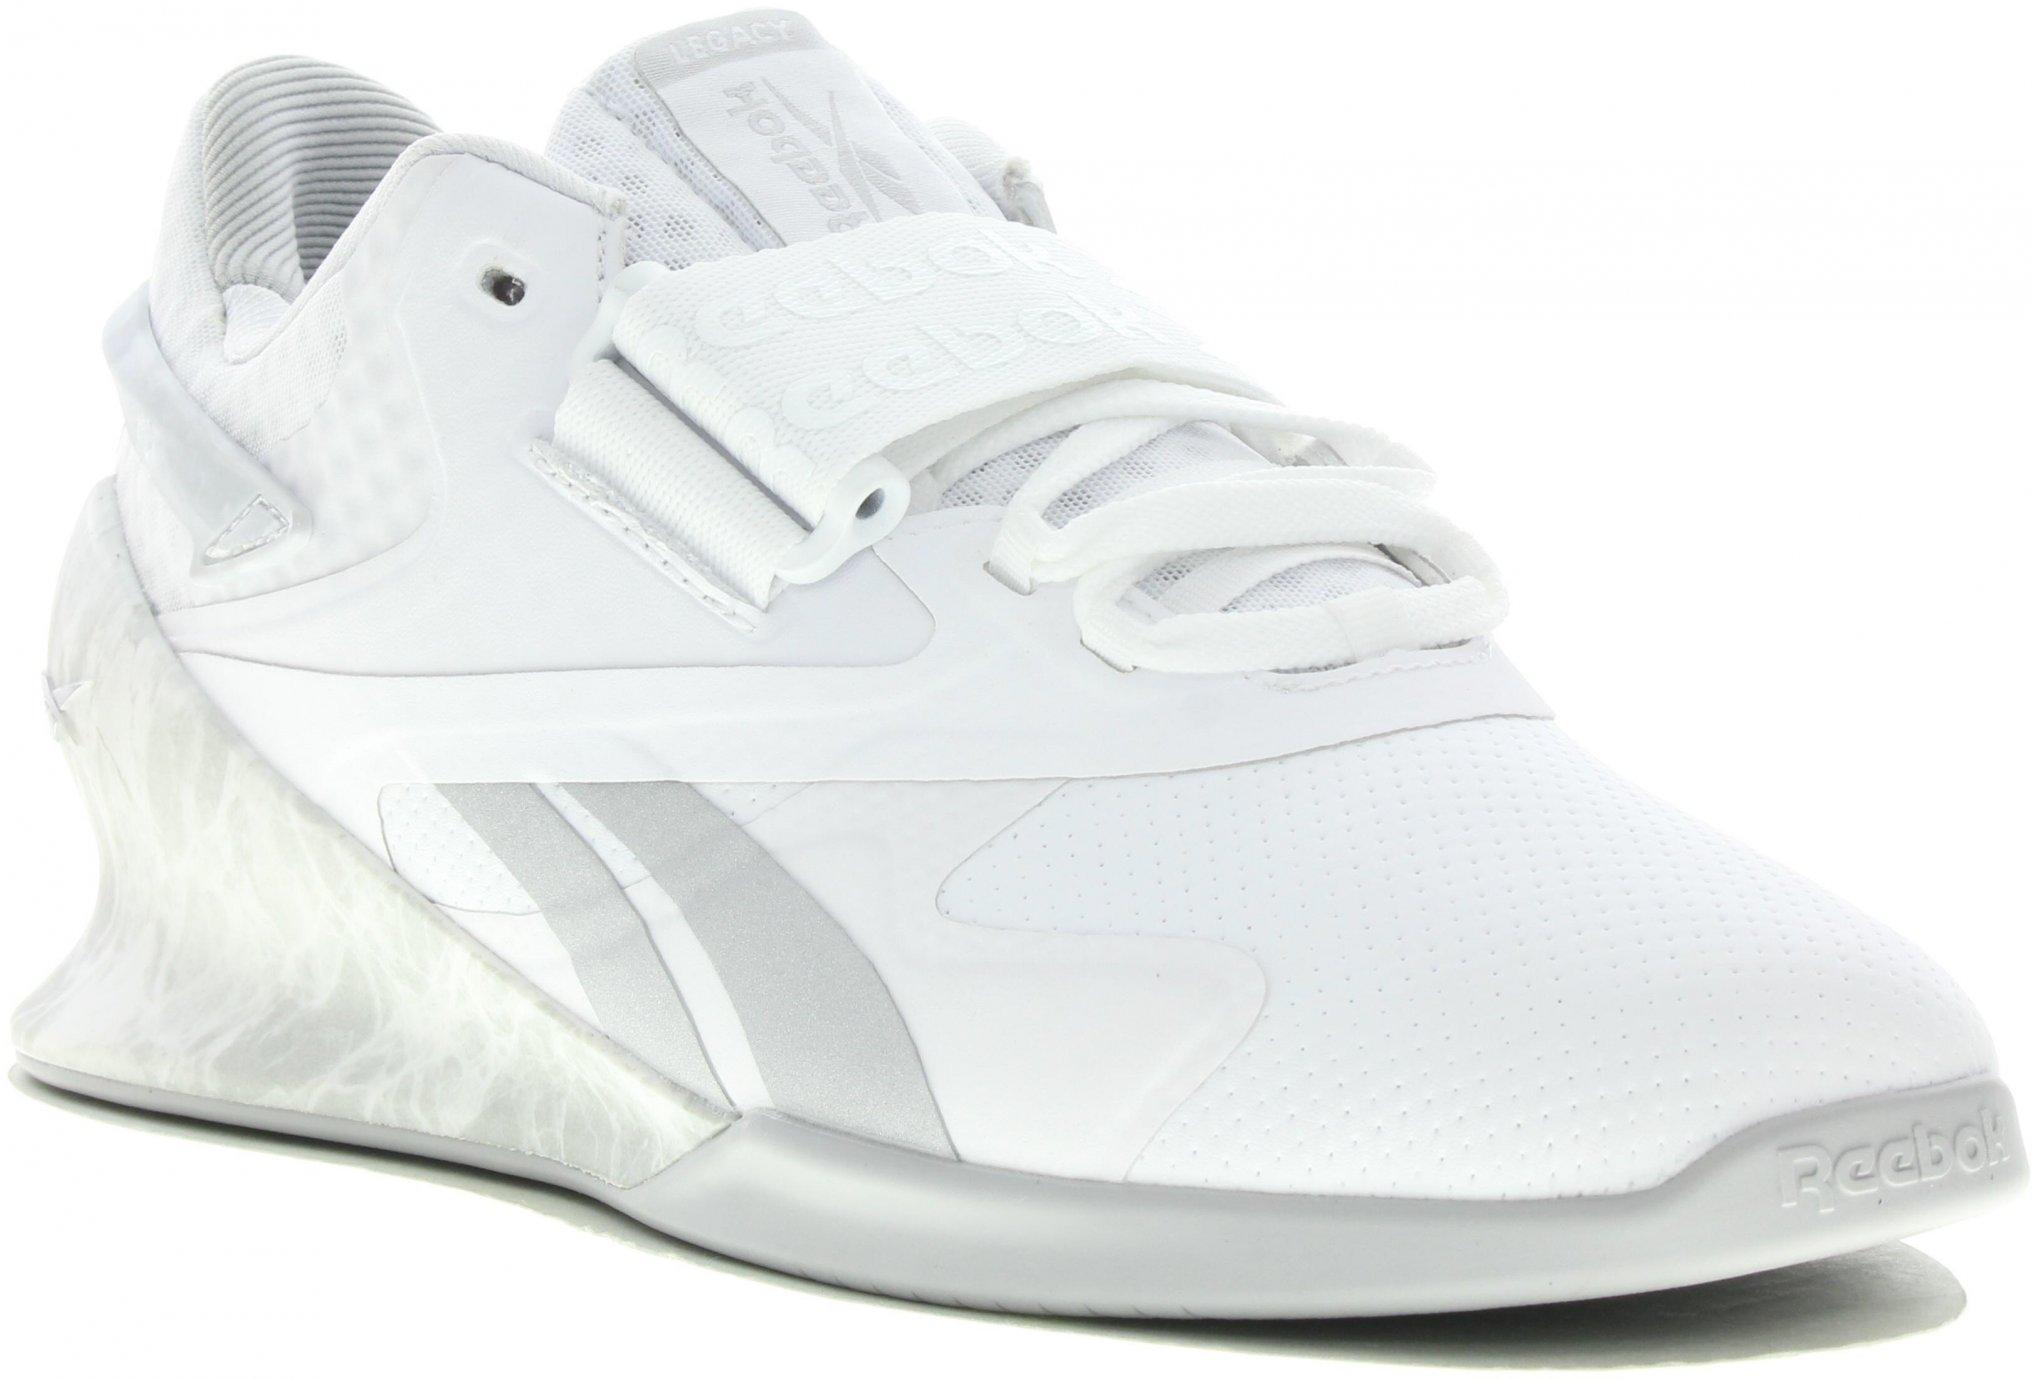 Reebok Legacy Lifter II W Chaussures running femme